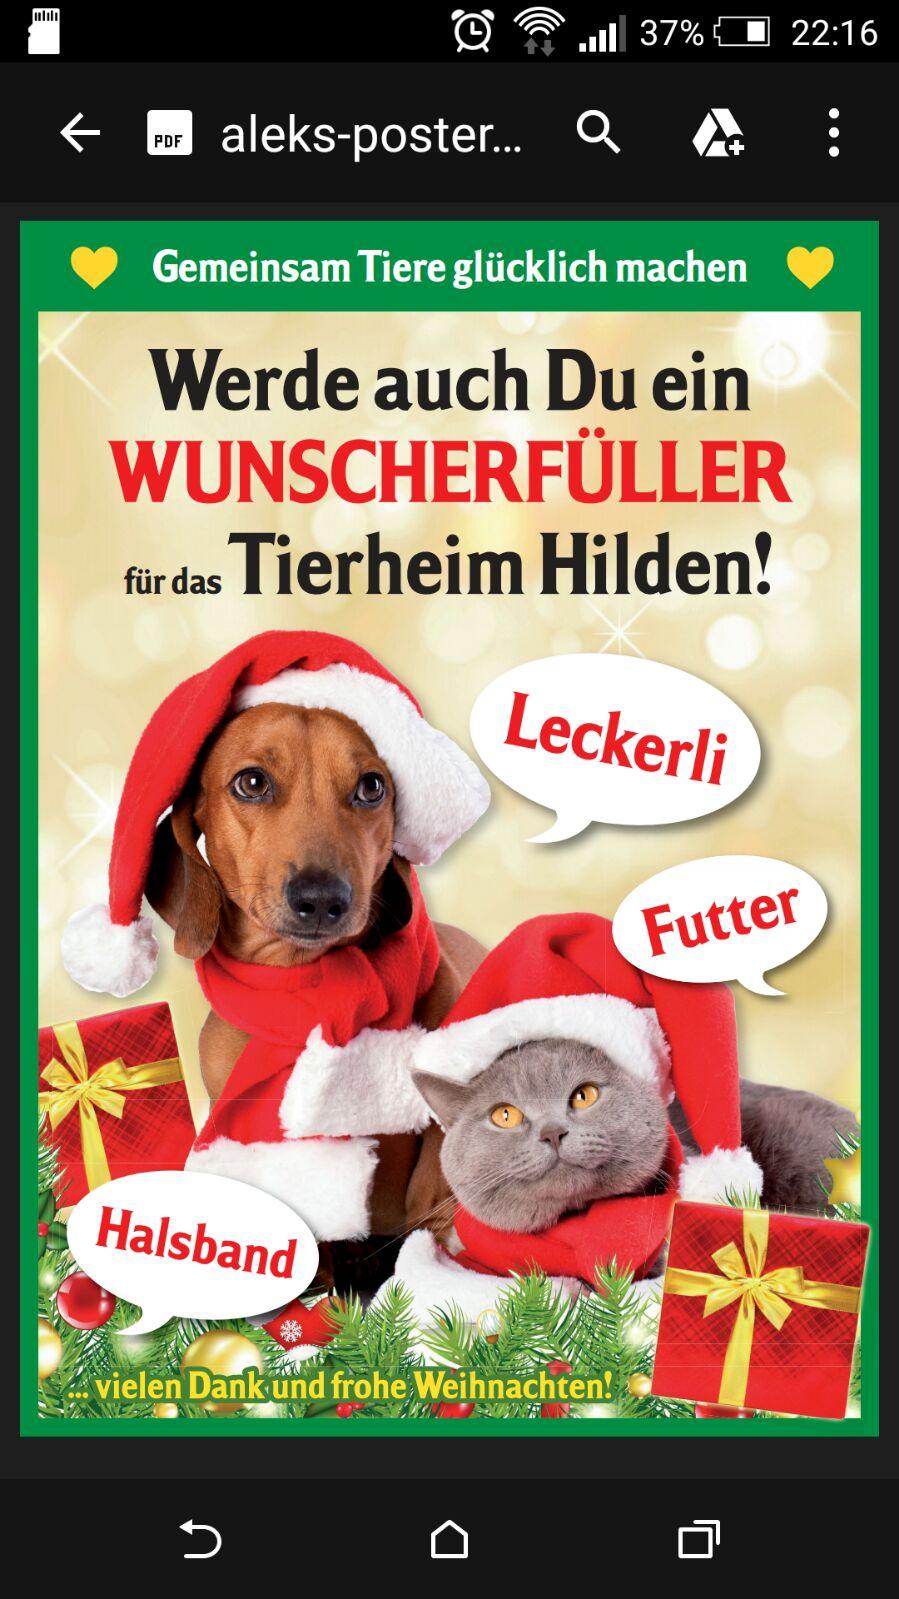 23.12.2015 – Spendenaktionen und Weihnachtswünsche - Tierheim Hilden ...